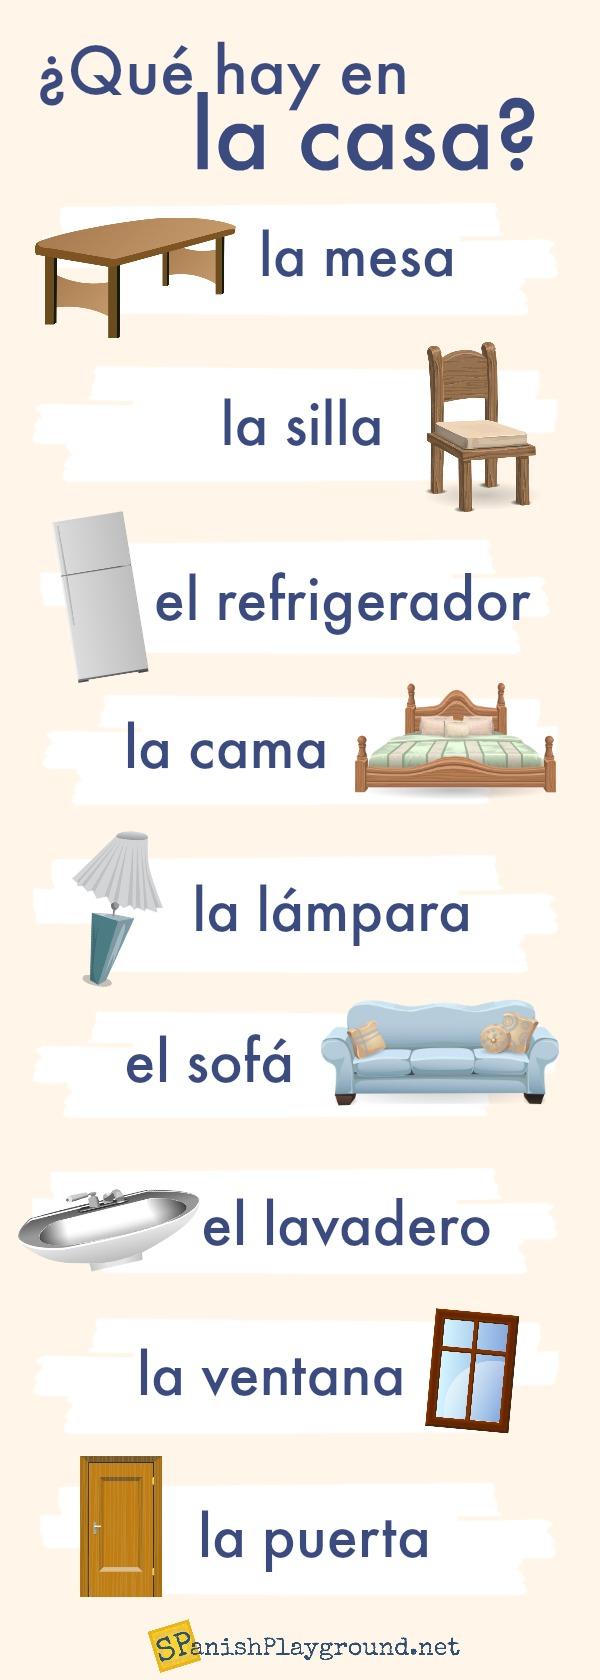 medium resolution of Spanish House Vocabulary Activities for Kids - Spanish Playground